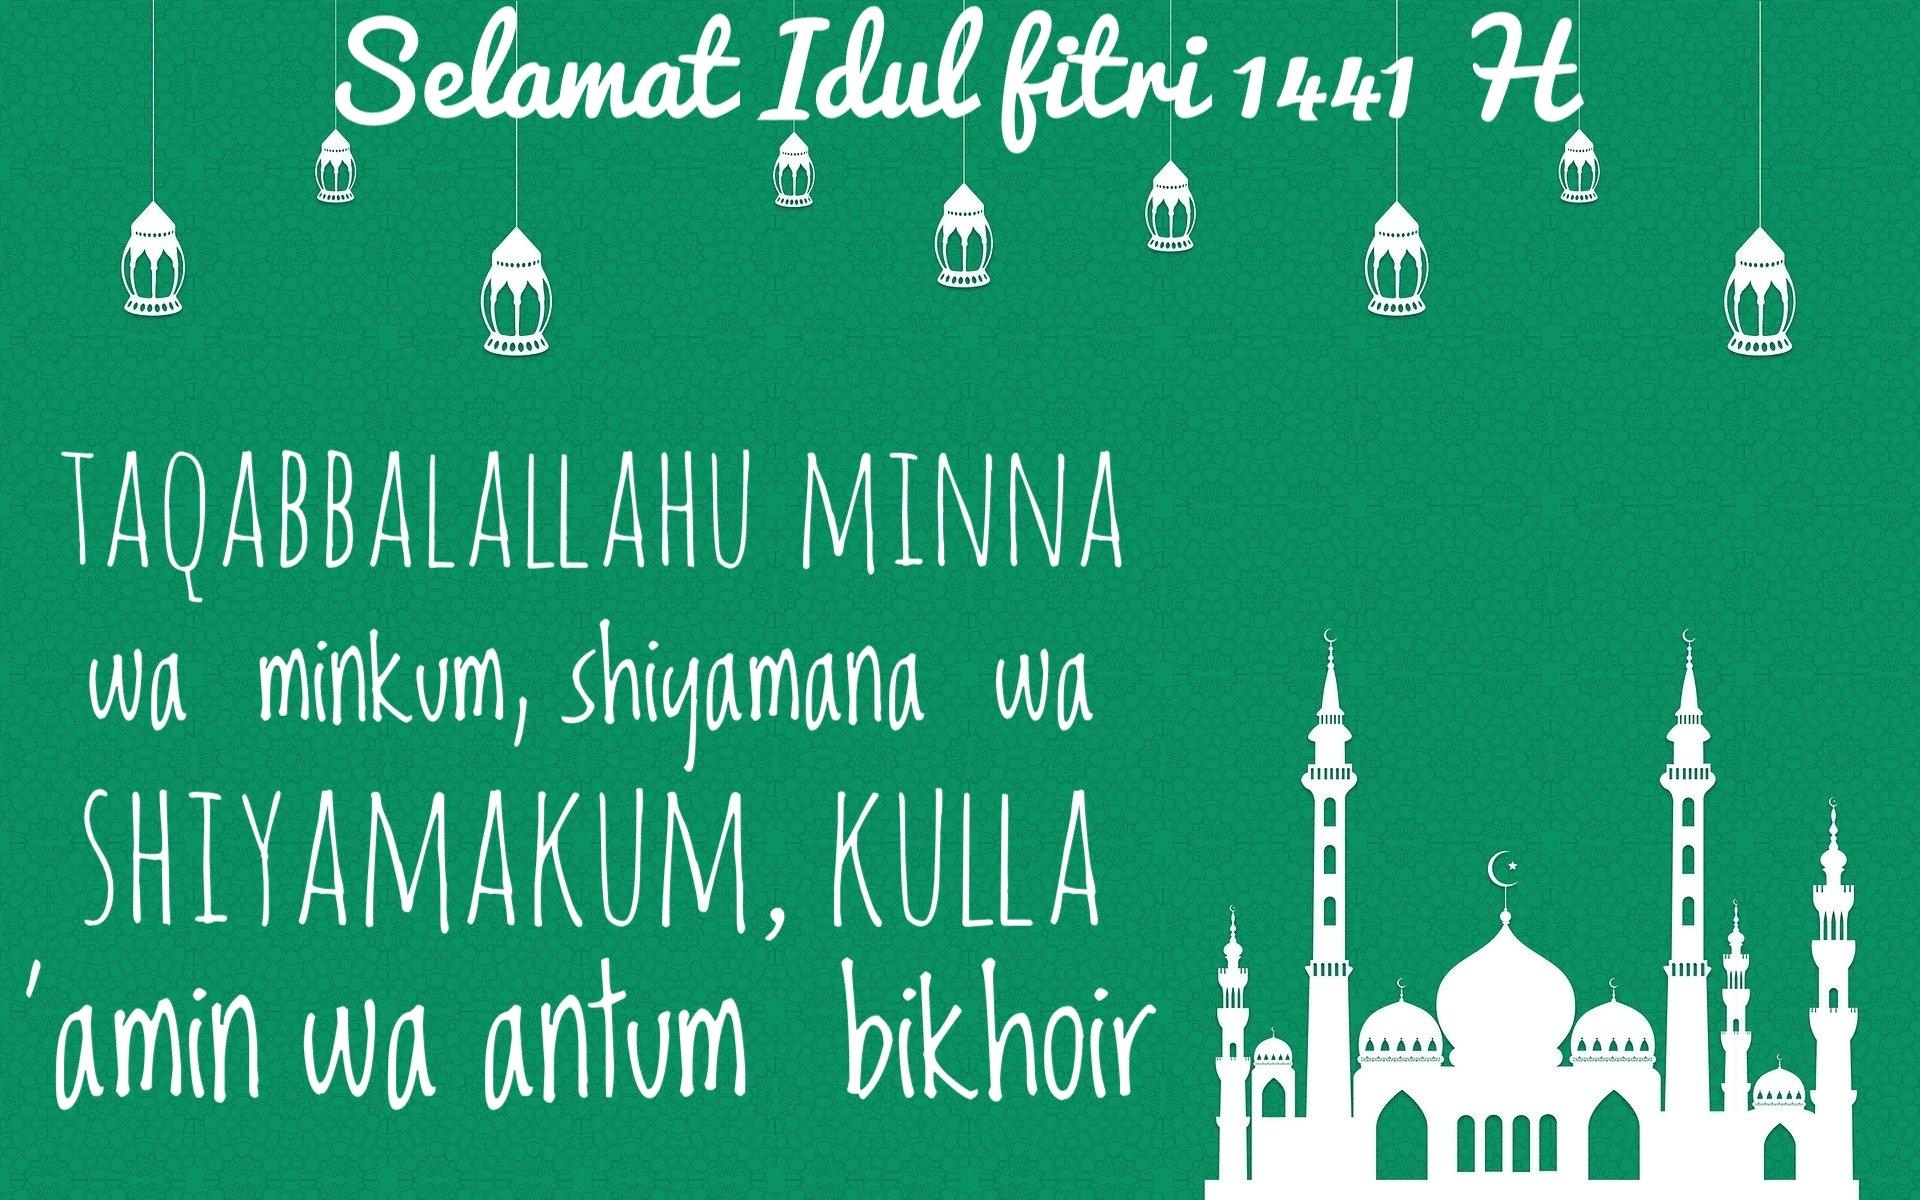 Download Wallpaper Ucapan Selamat Idul Fitri